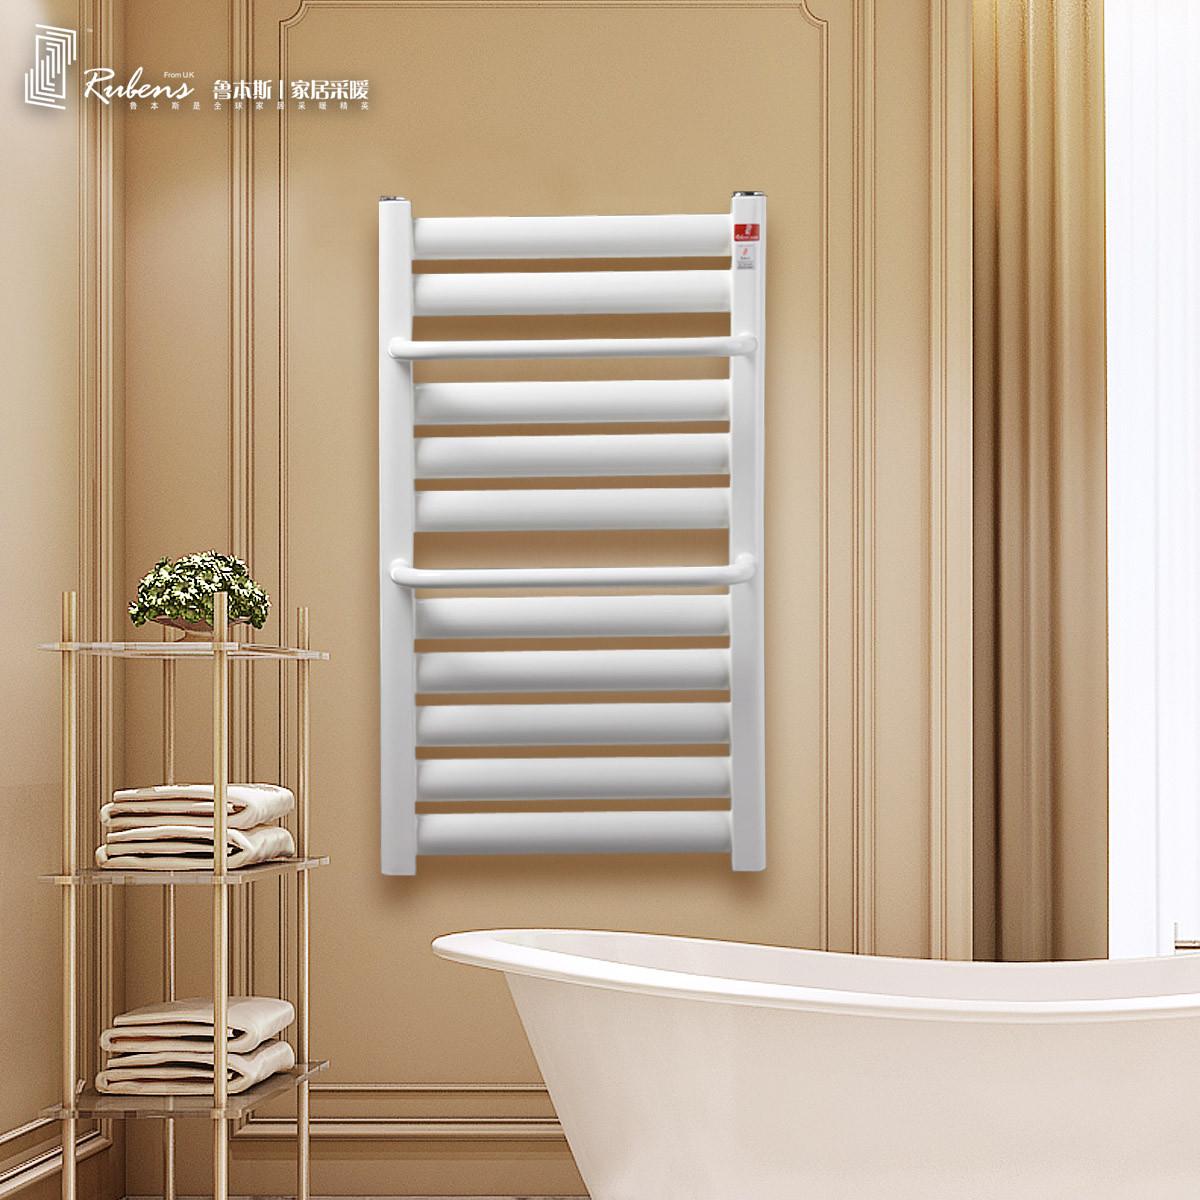 魯本斯 鋼衛浴掛墻含毛巾桿式集中供熱 衛浴10+2,寬450,高800暖氣片散熱器